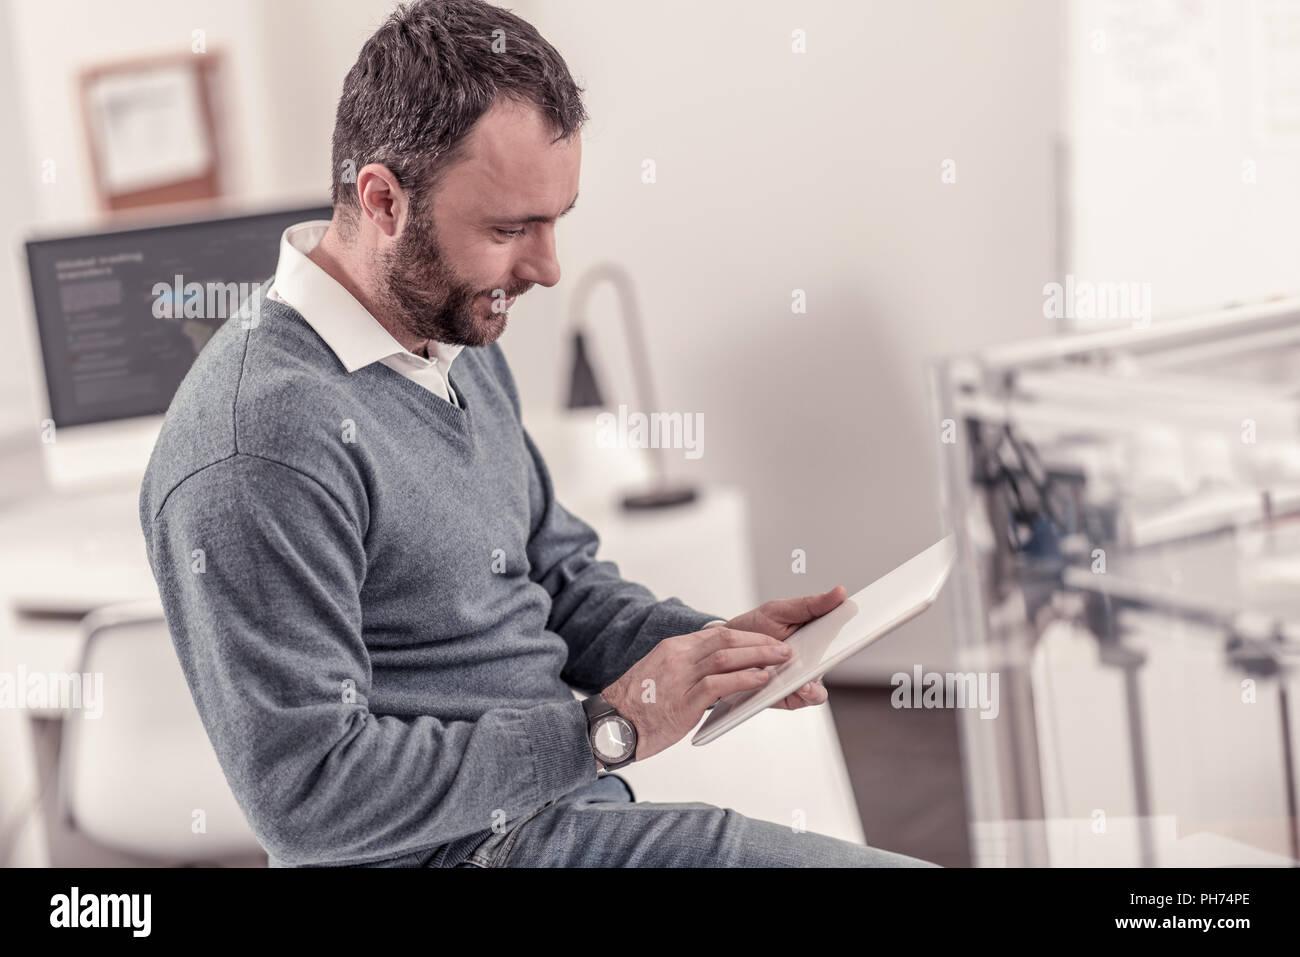 Stattlichen erwachsenen Mann im Büro sitzen Stockbild